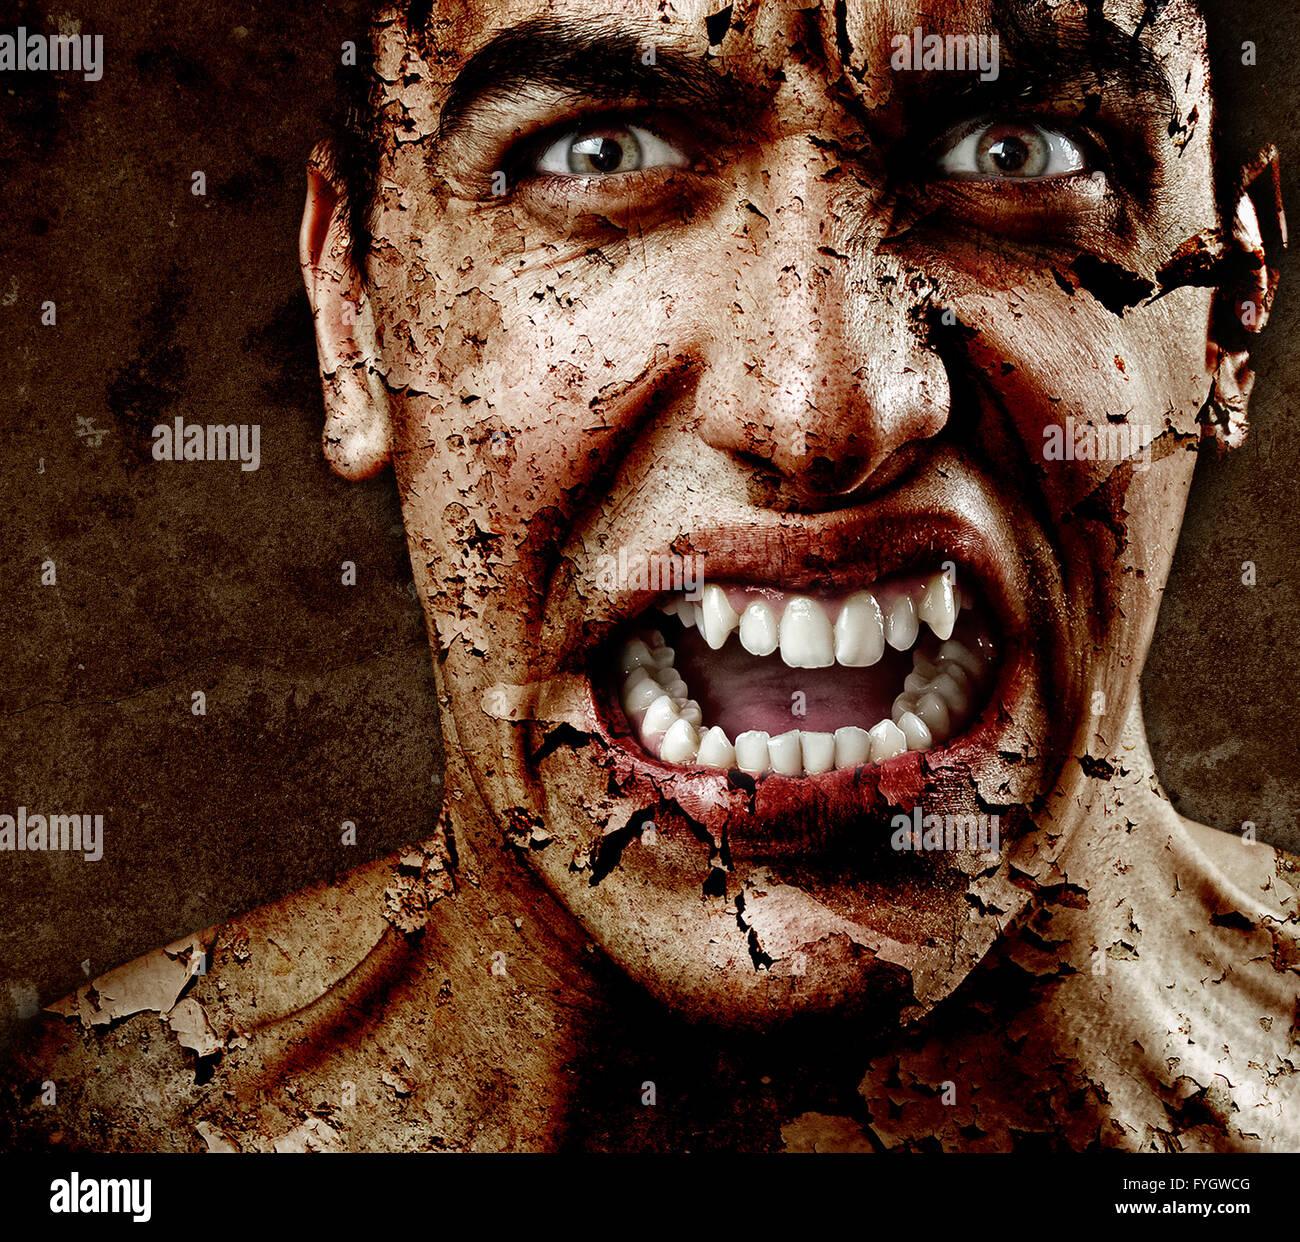 Cara de miedo al hombre con descamación de la piel con textura Imagen De Stock